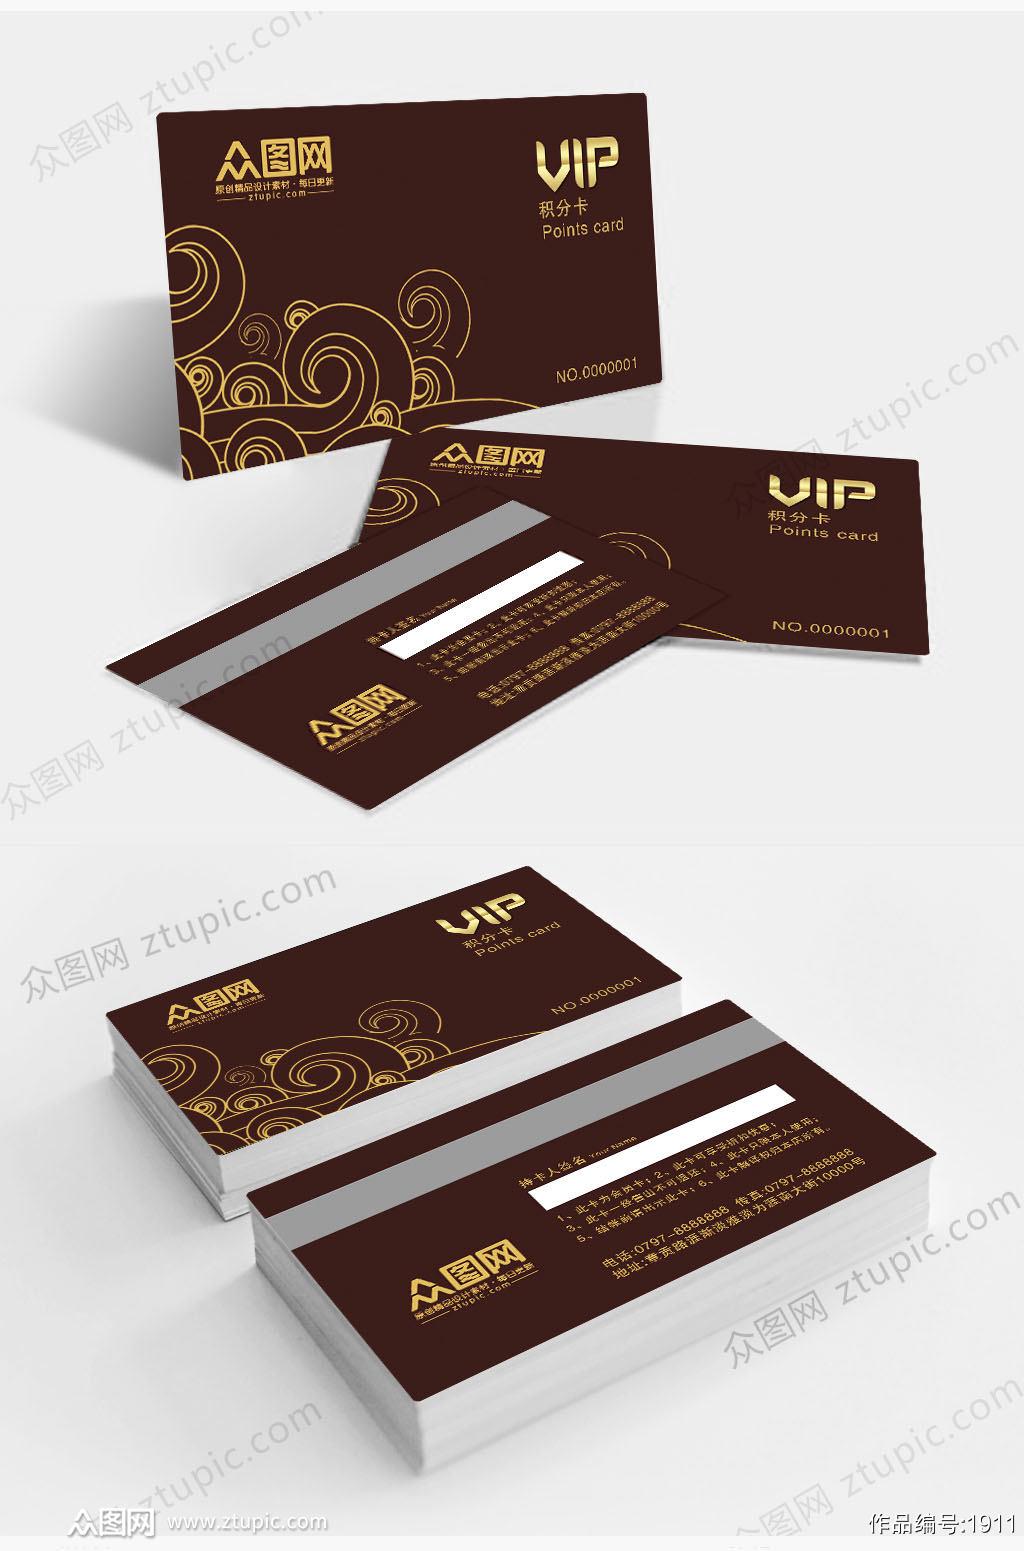 黑金通用VIP会员卡设计模板素材